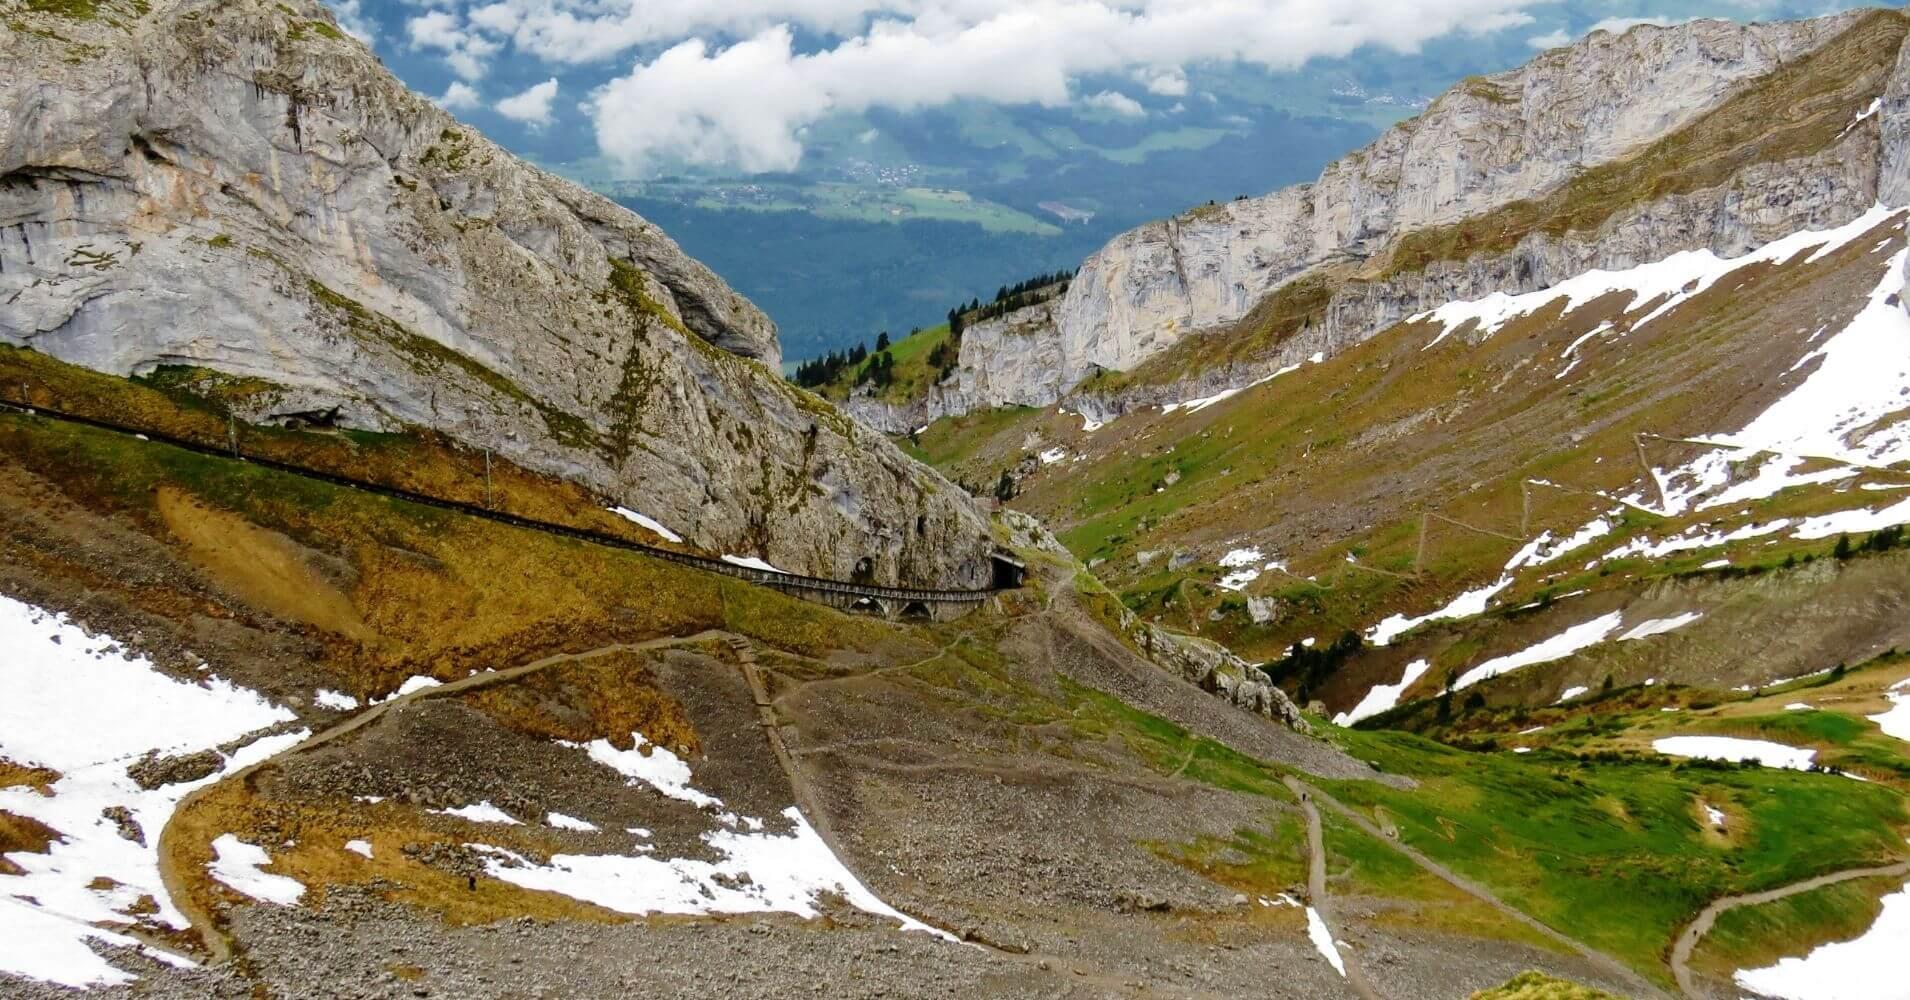 Verticalidad del Tren de Cremallera del Monte Pilatus, Suiza.